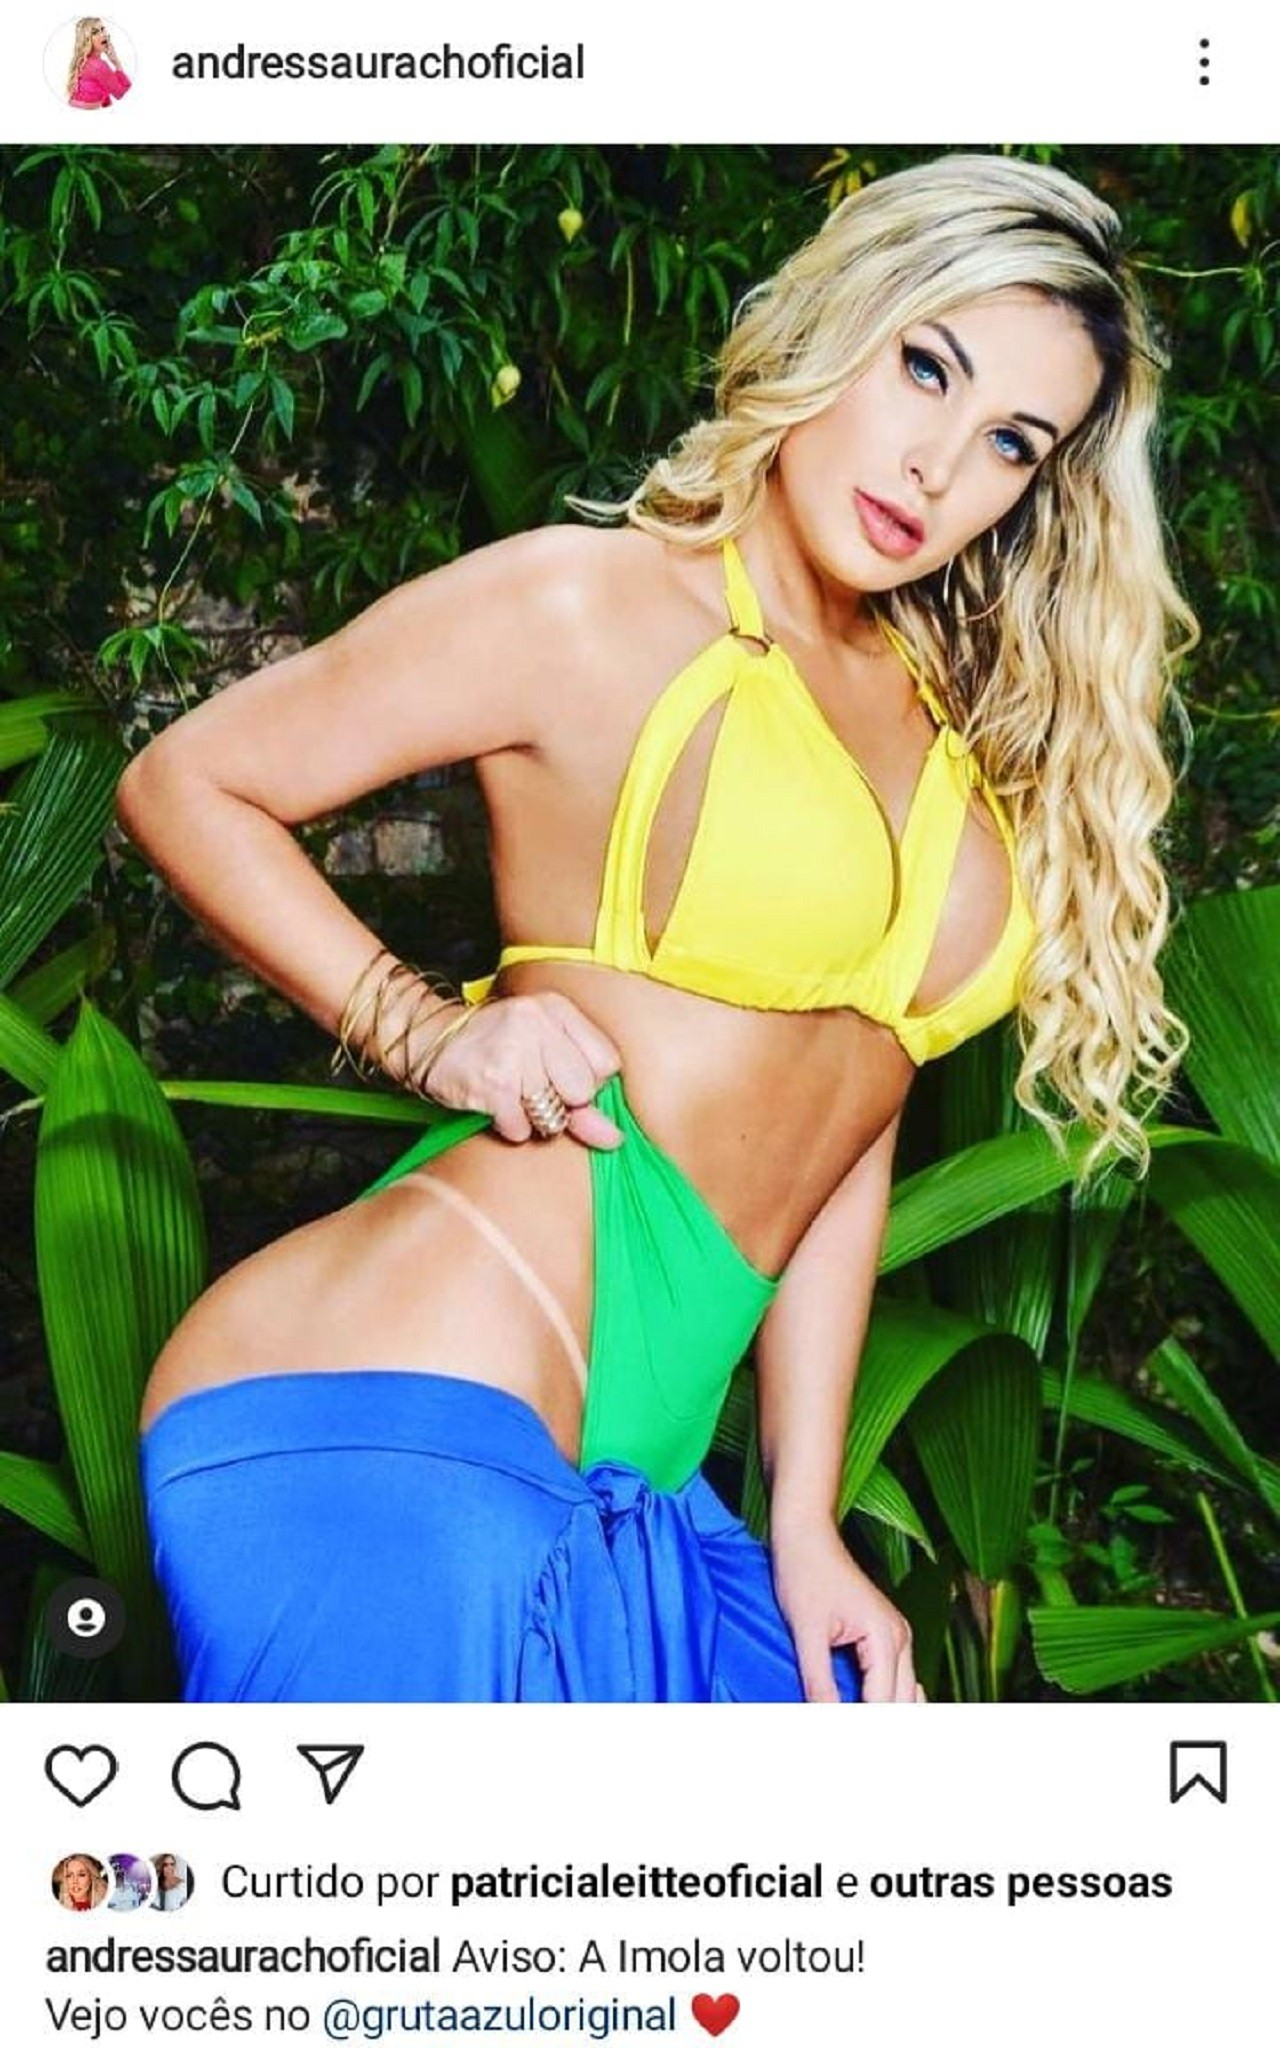 Após ser tirada de prostíbulo pelo ex, Andressa Urach apaga foto de anúncio